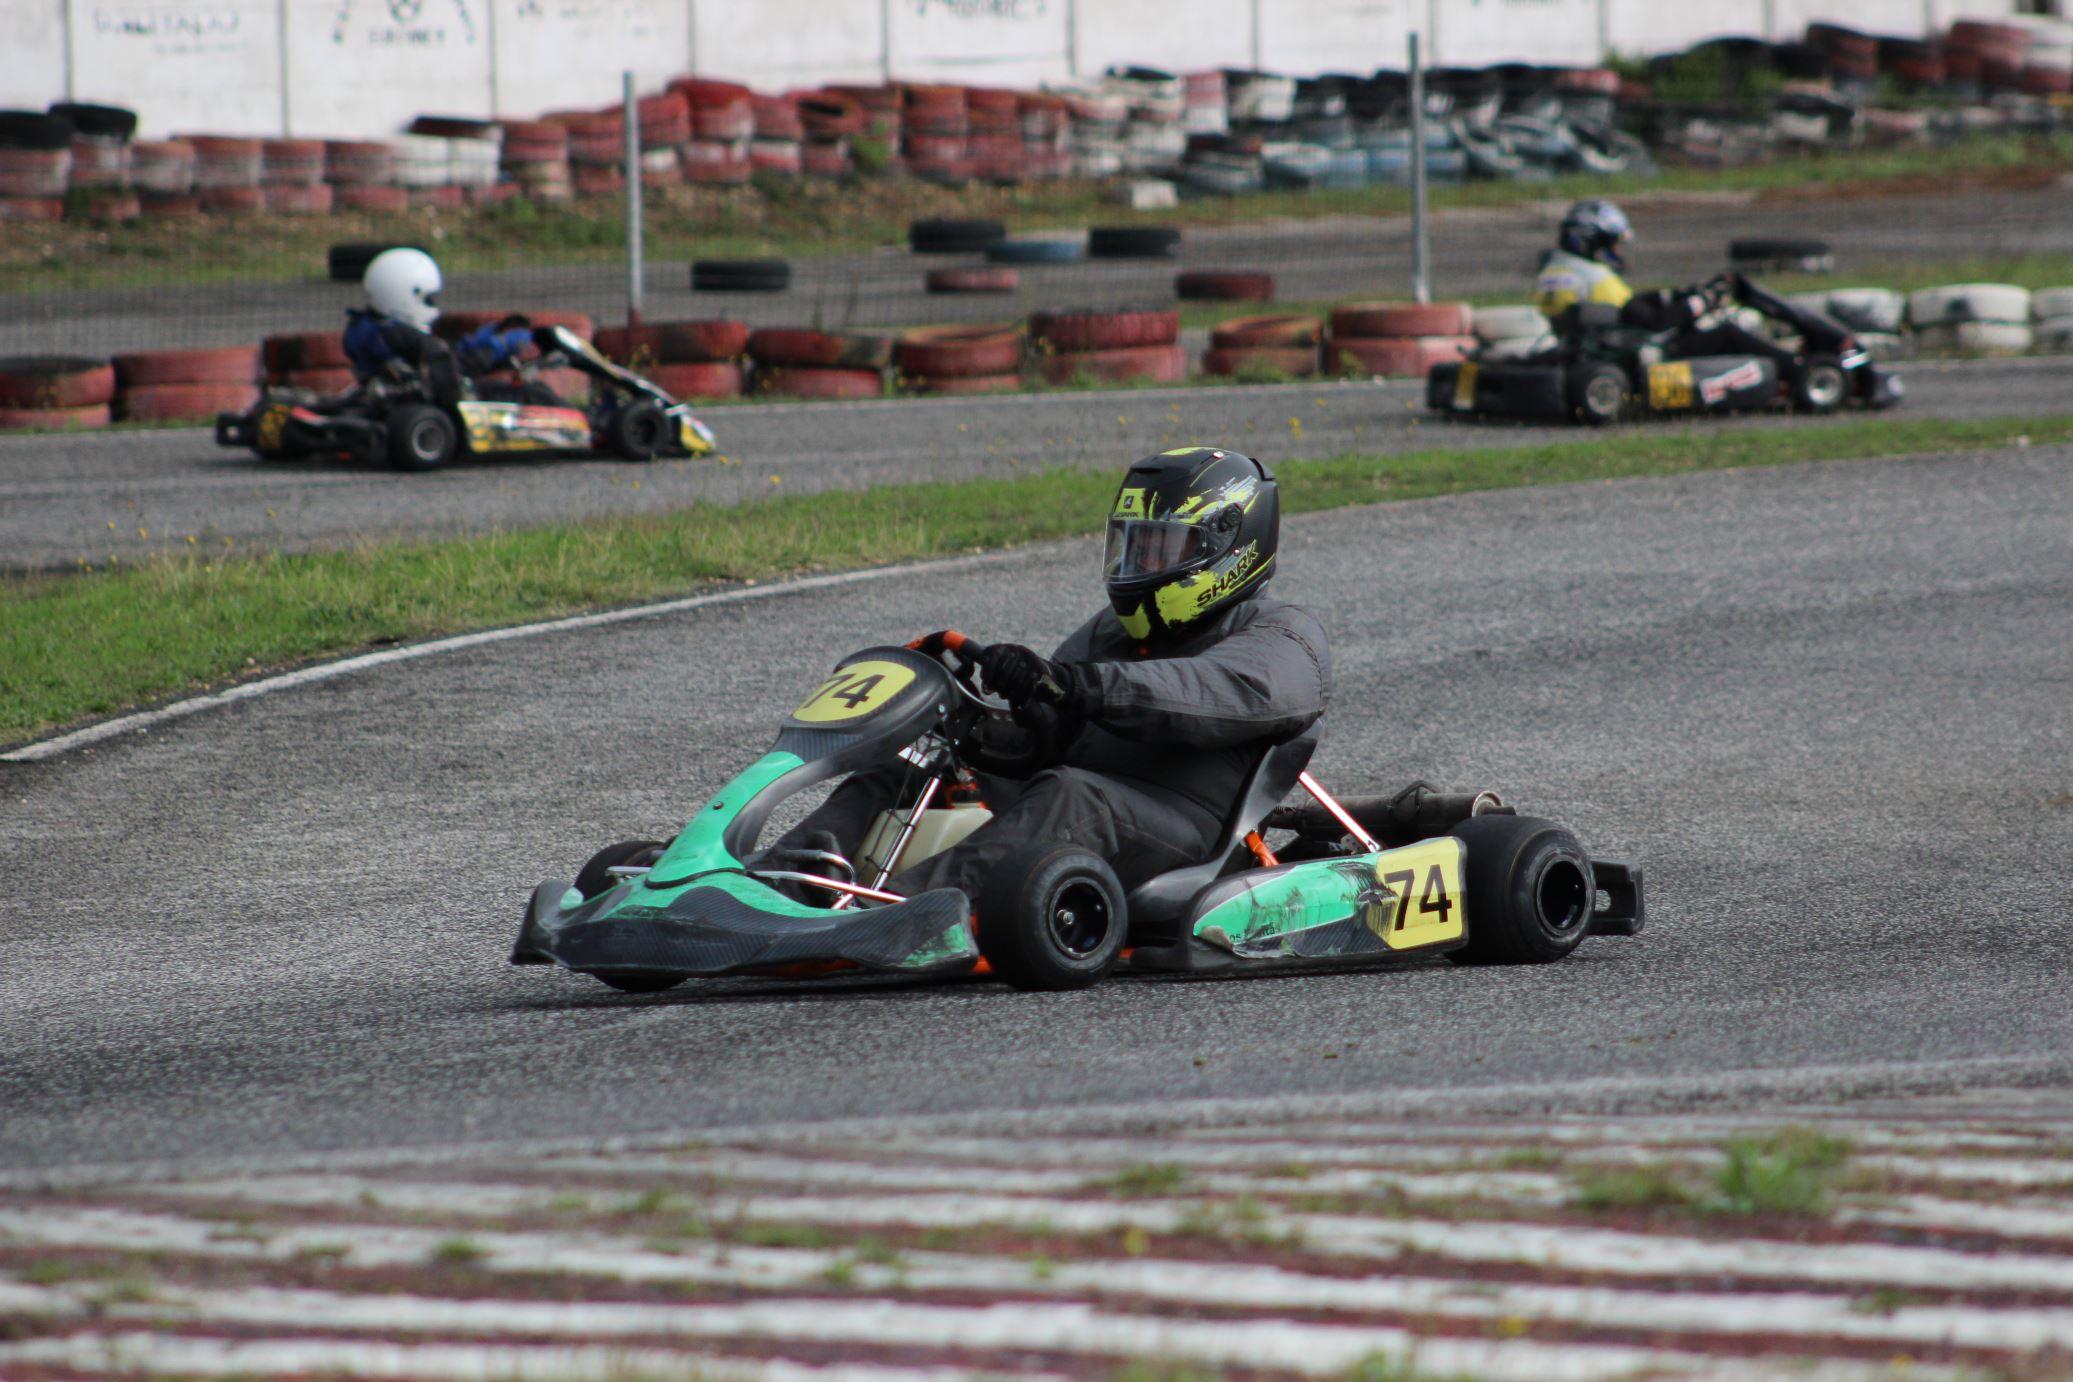 Troféu Honda 2014 - 5ª Prova161